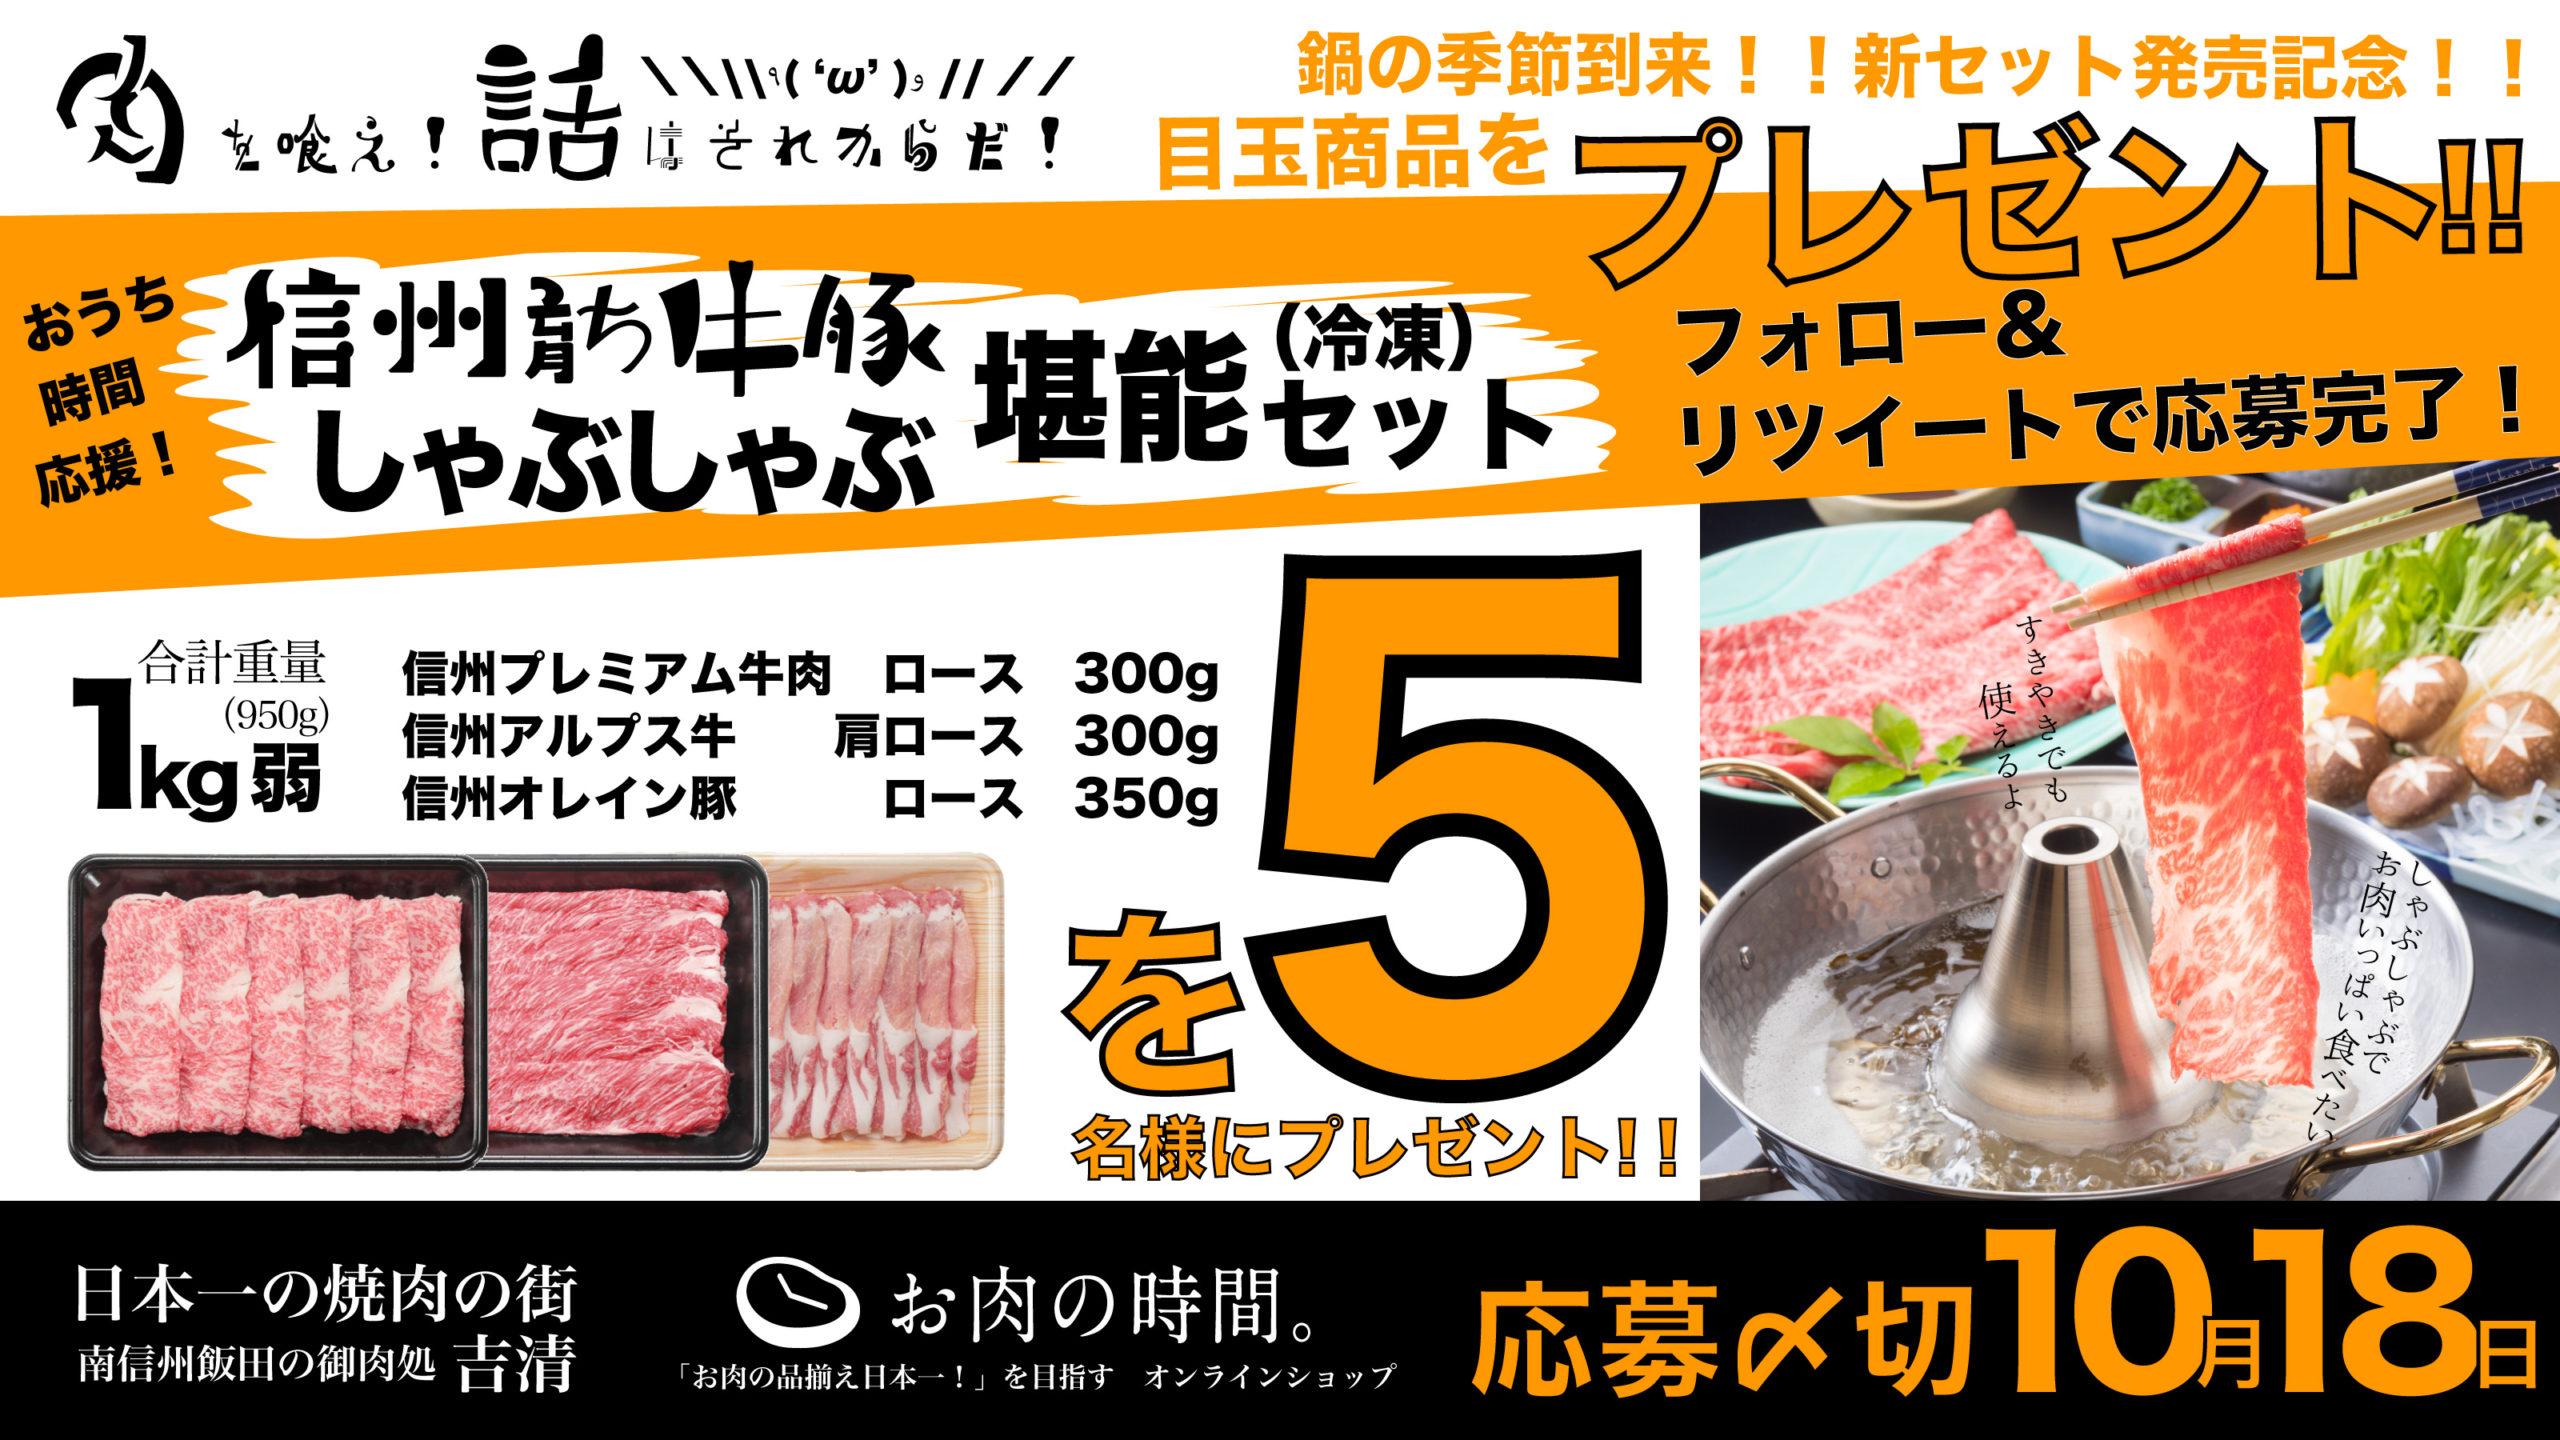 10/16正午より!鍋料理向け新セット発売記念キャンペーン!